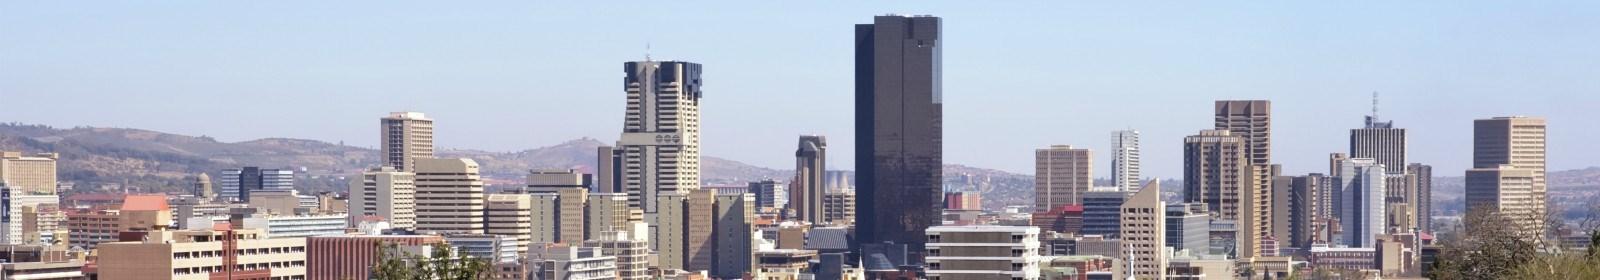 Top lifestyle estates in Pretoria East